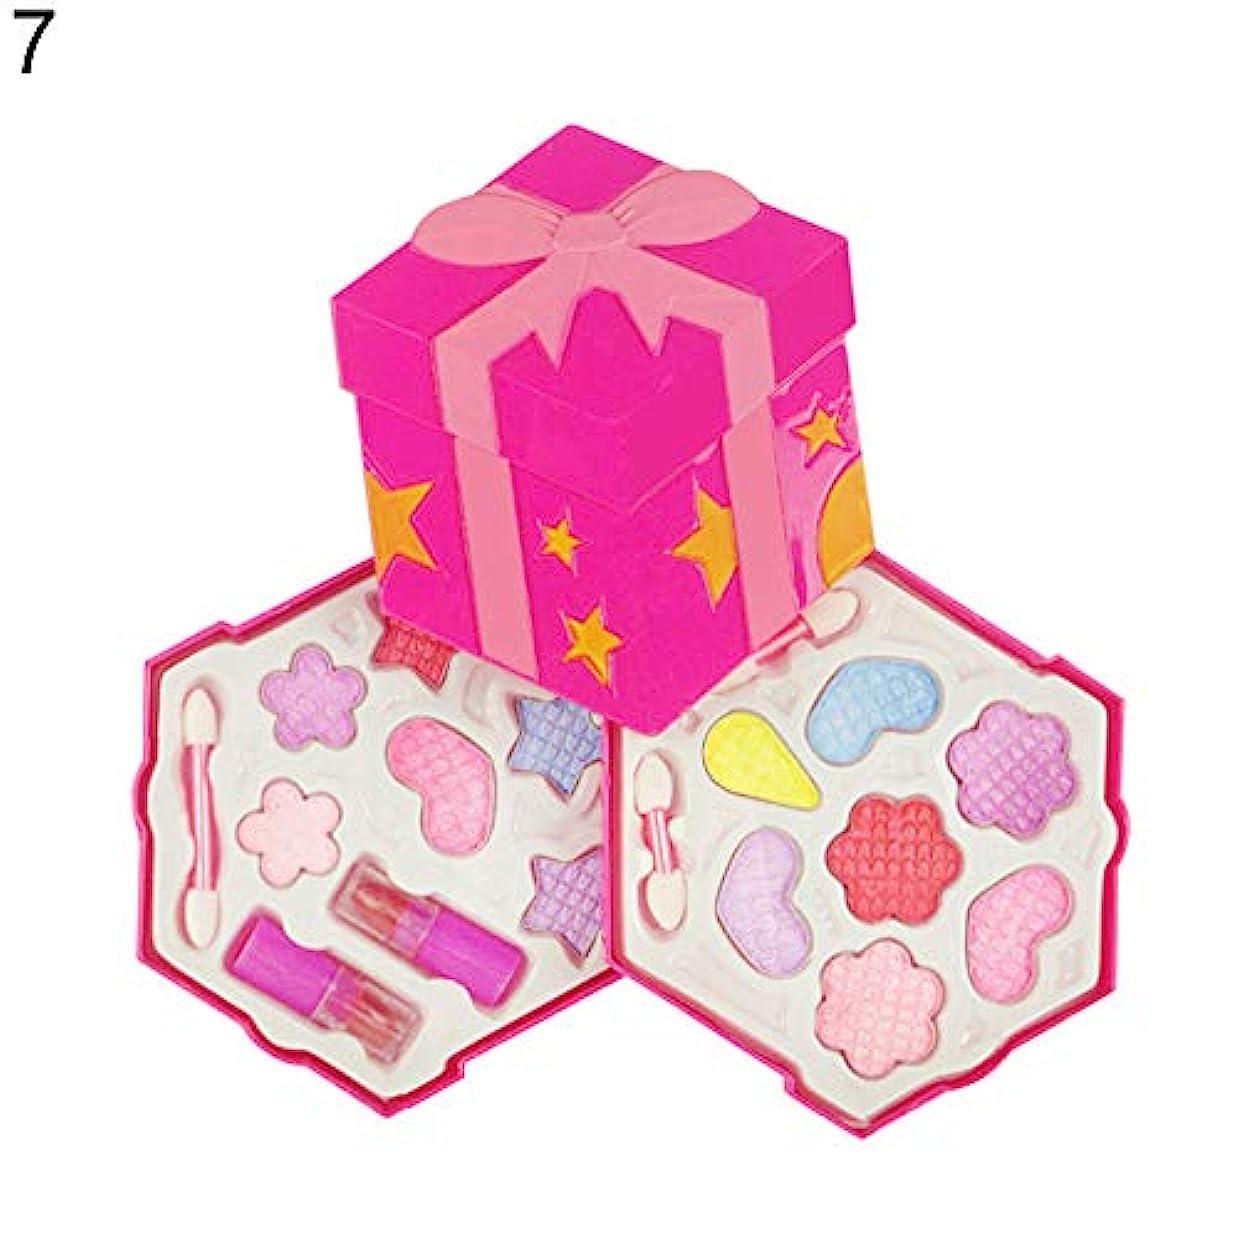 ウサギスパイ蜜花蝶ふりプレイメイクセット女の子シミュレーション非毒性化粧品 - 7